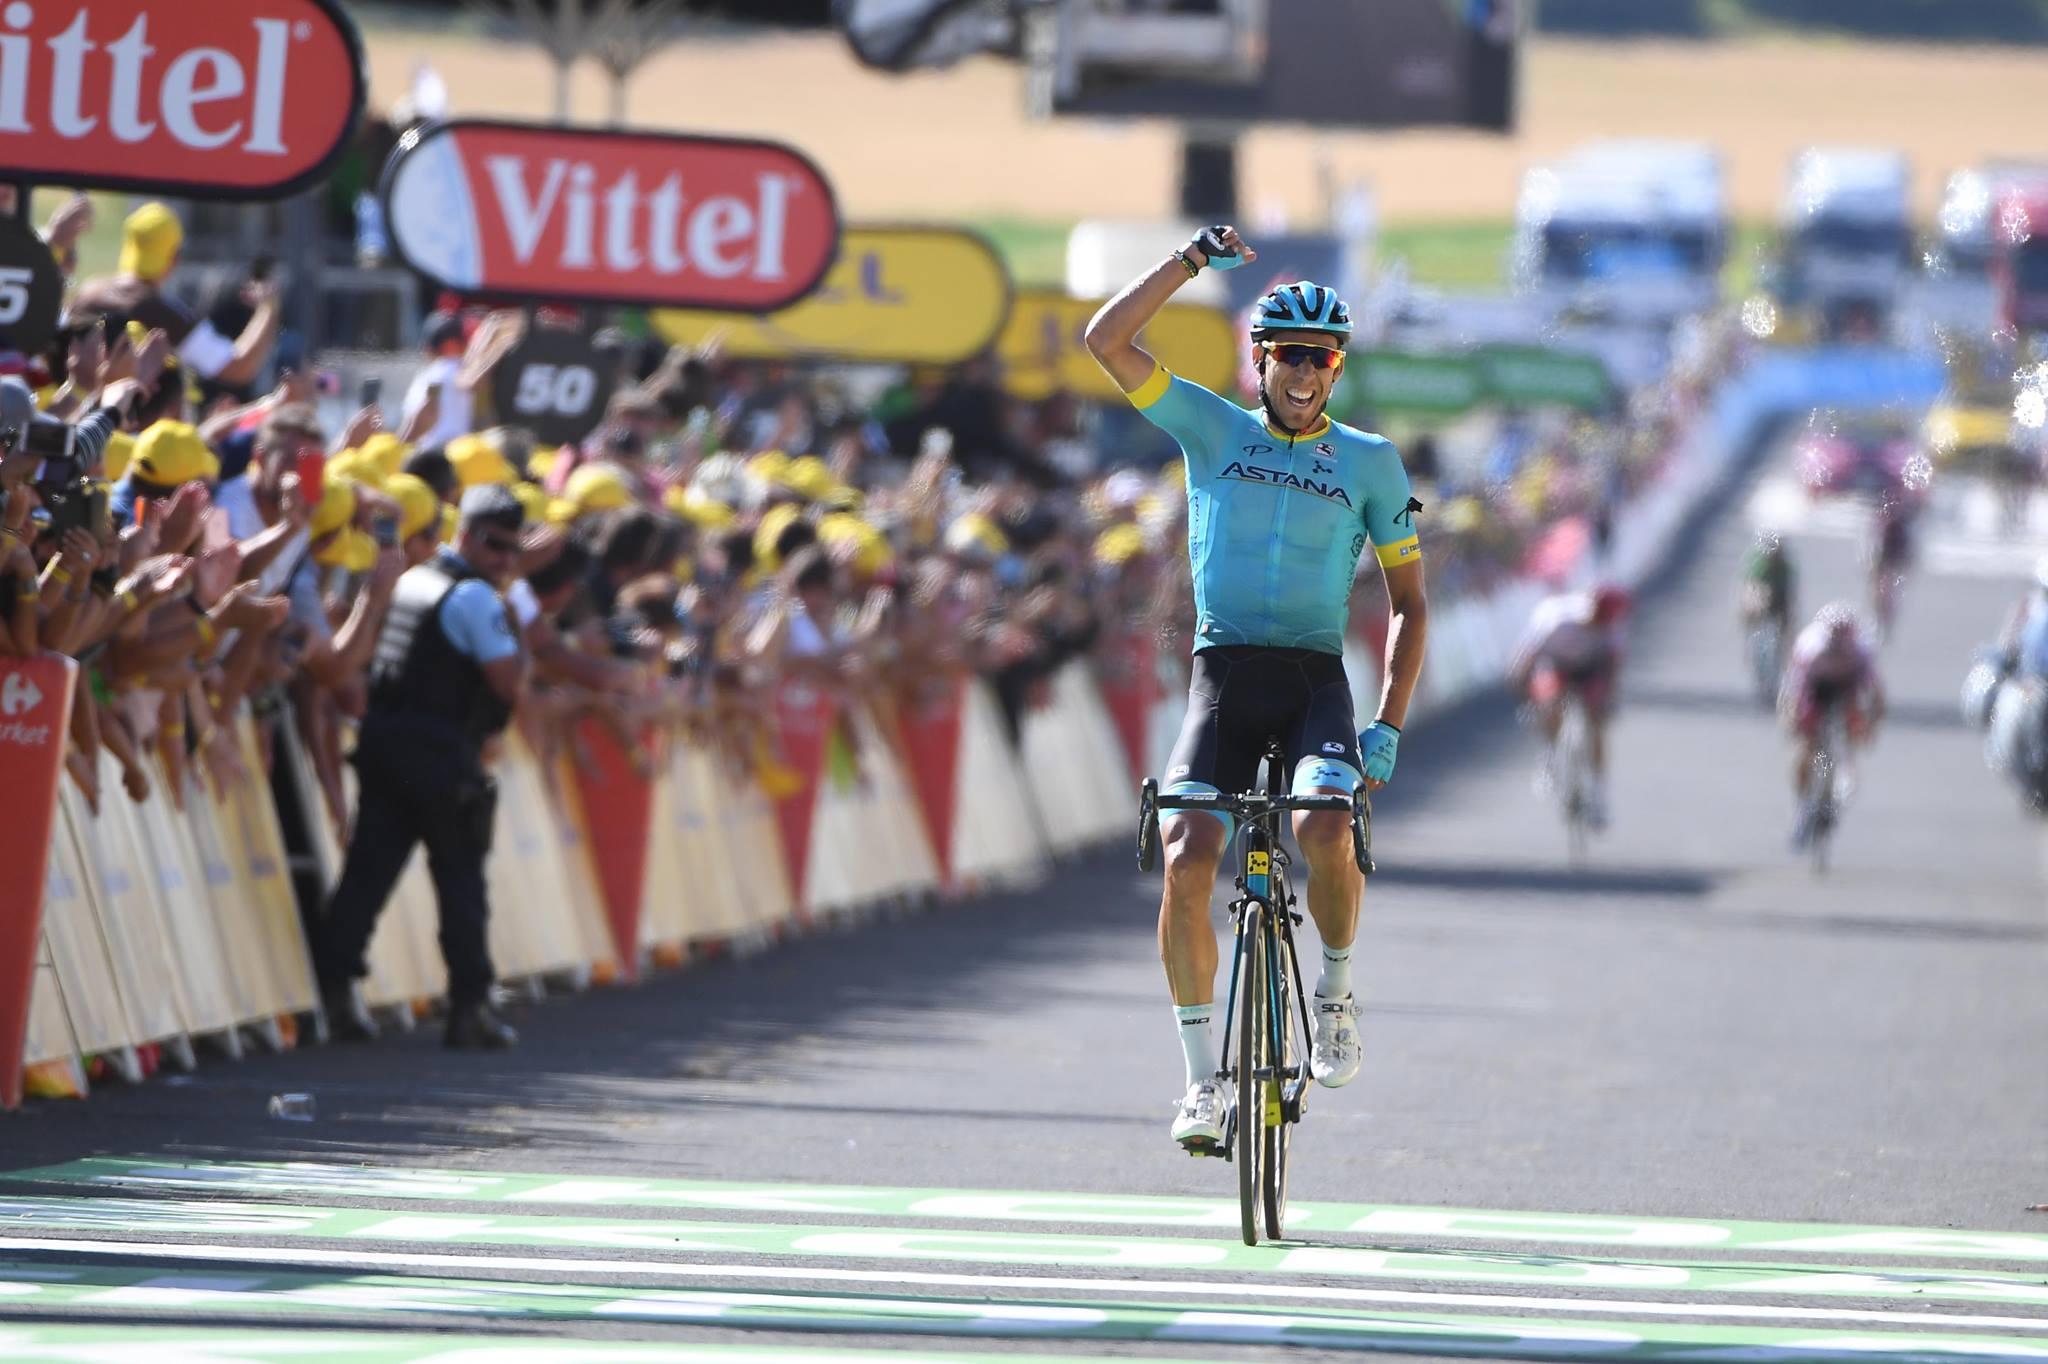 Omar Fraile vince la quattordicesima tappa del Tour de France 2018